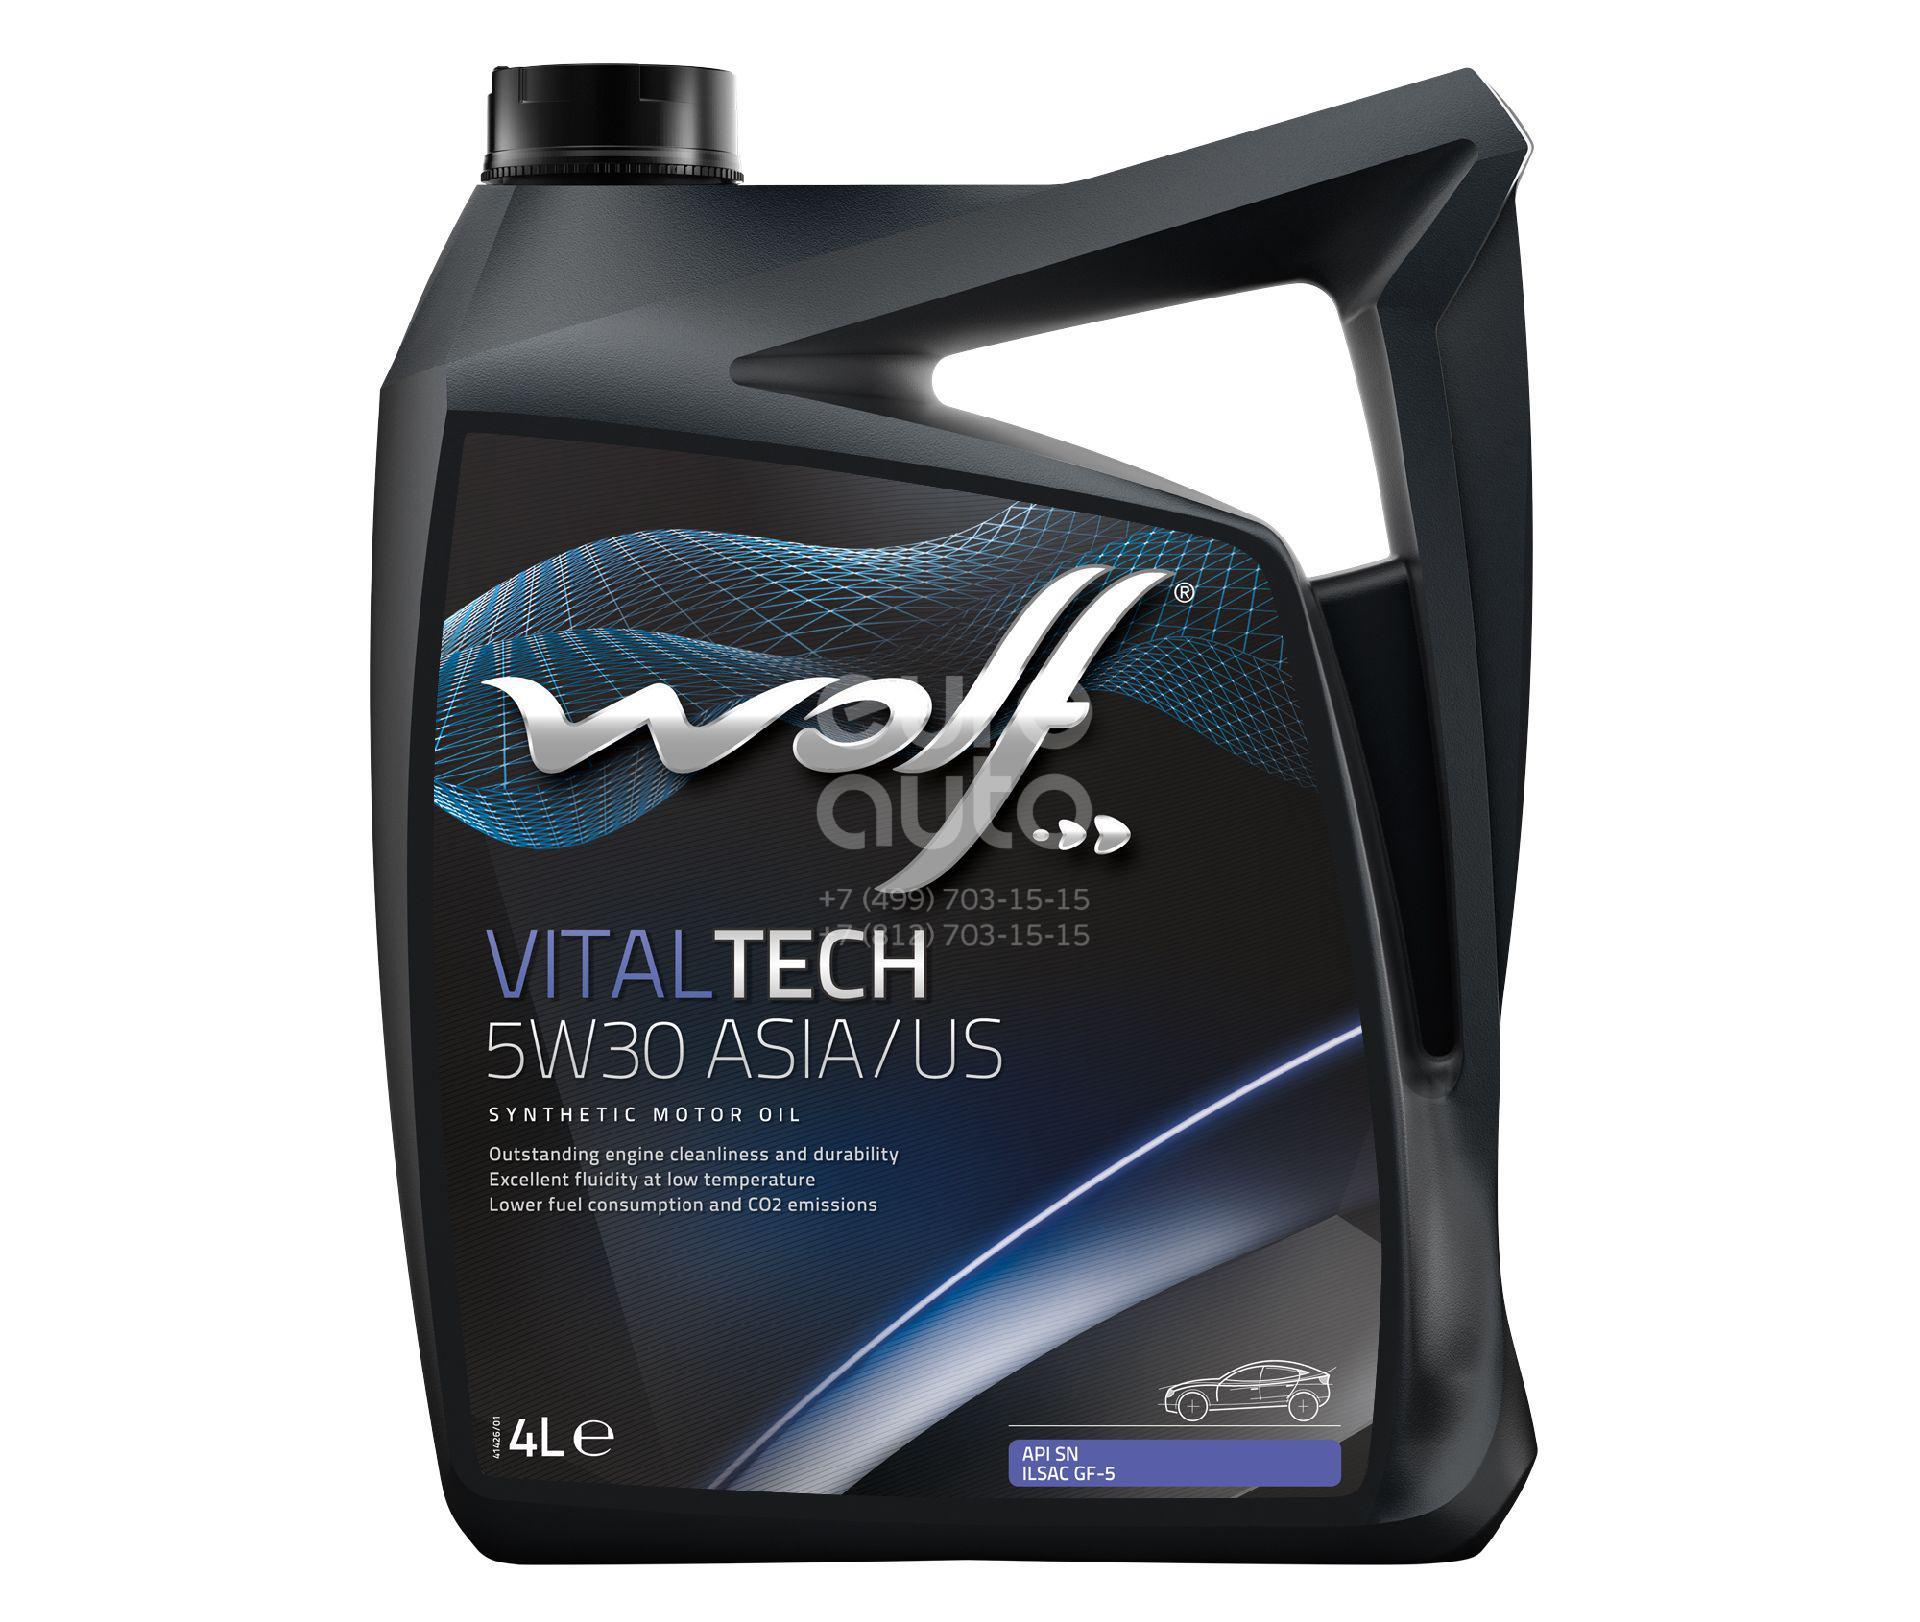 Масло моторное WOLF VITALTECH 5W30 ASIA/US 4L СИНТЕТИКА - Фото №1